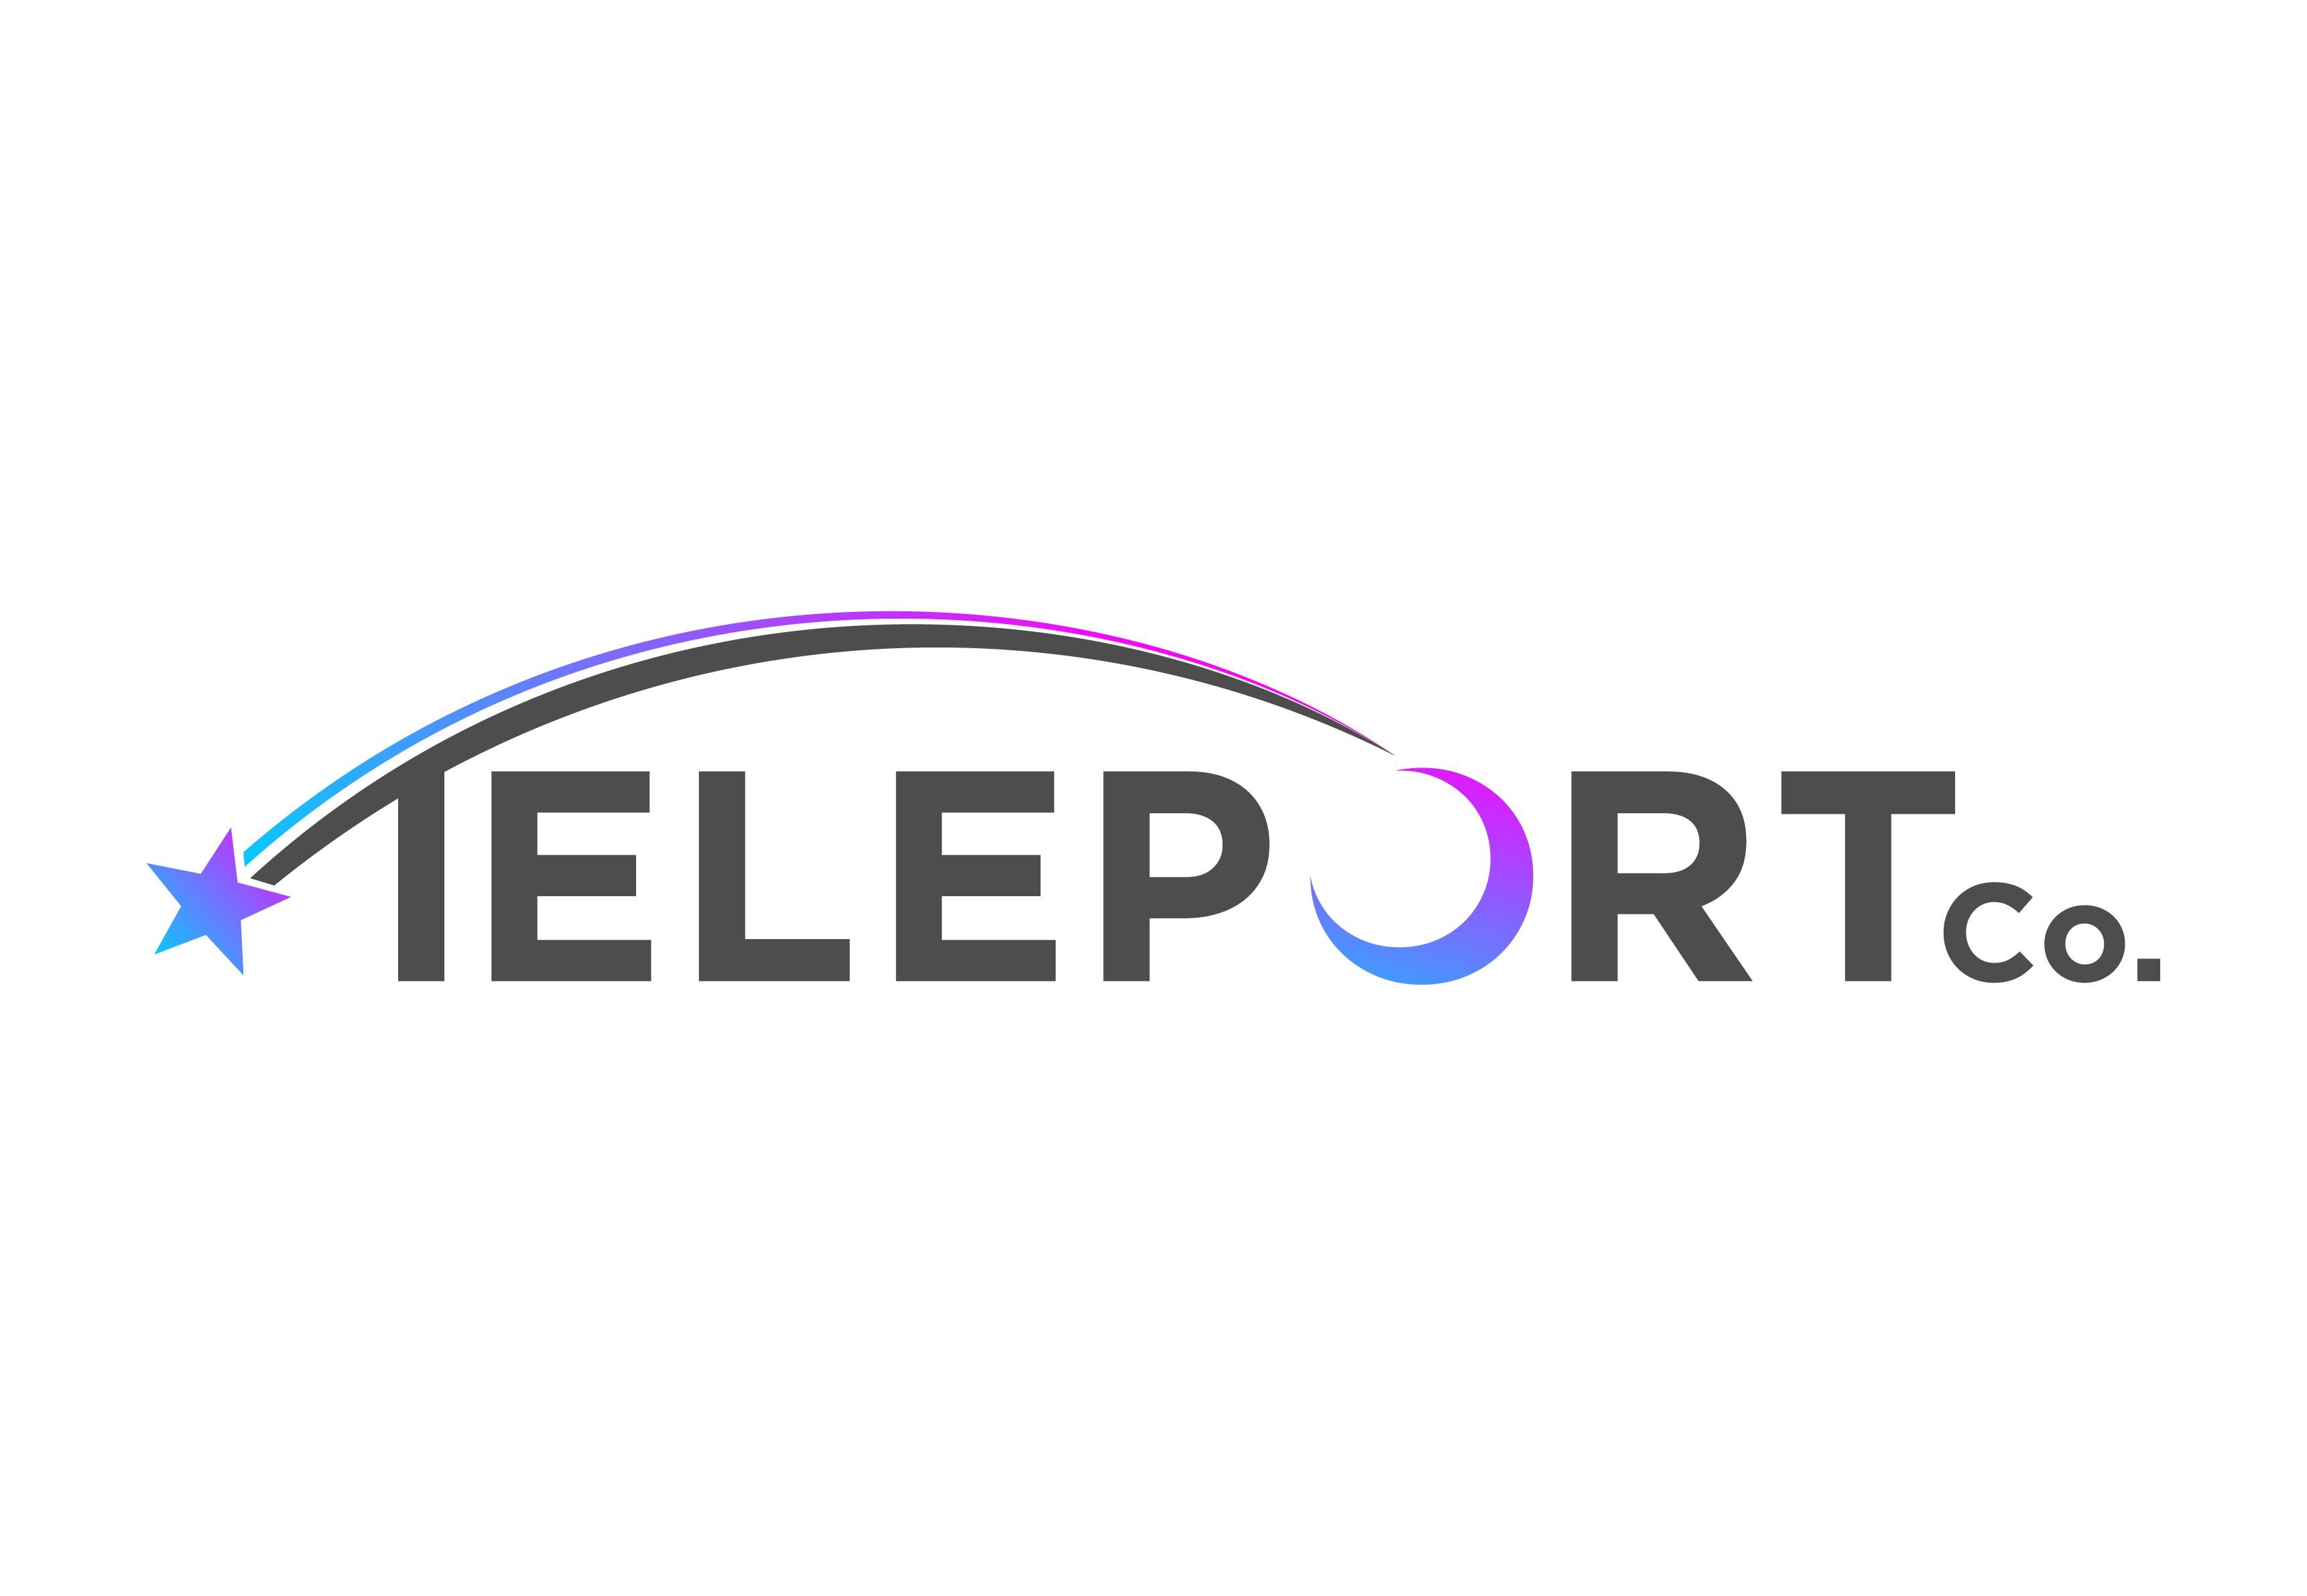 Astronomy telescope company needs a logo